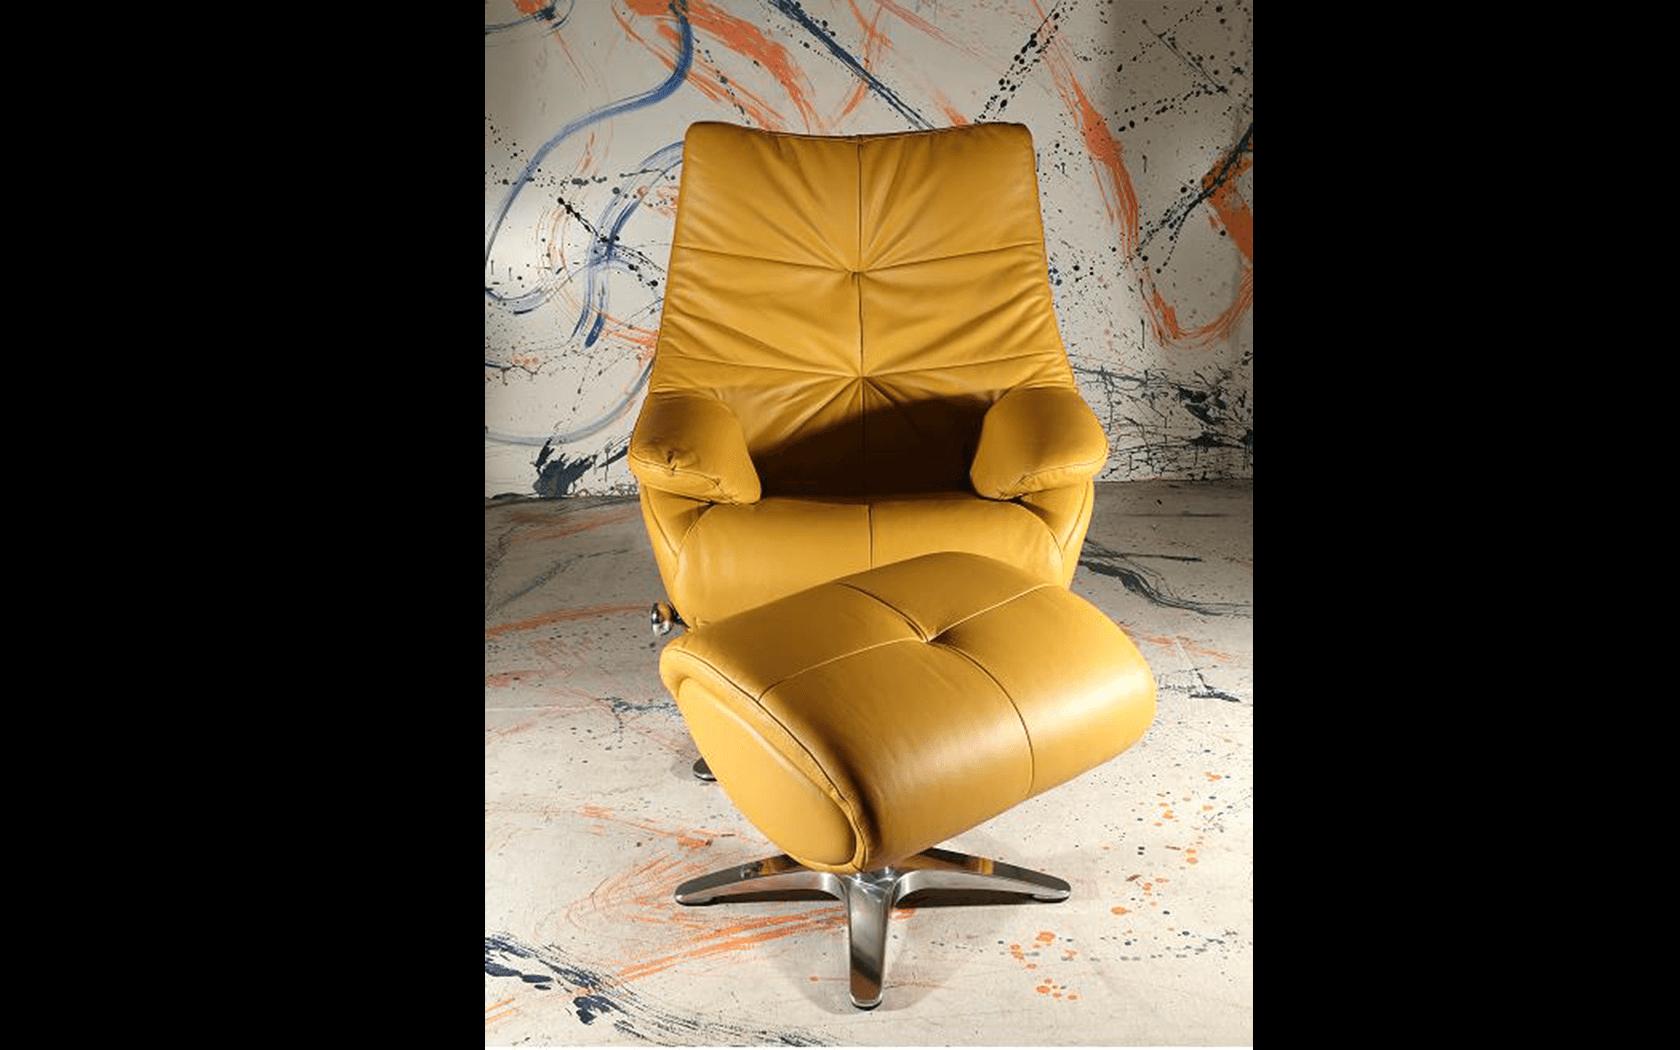 鷹牌專業級椅群,符合人體工學設計的椅子